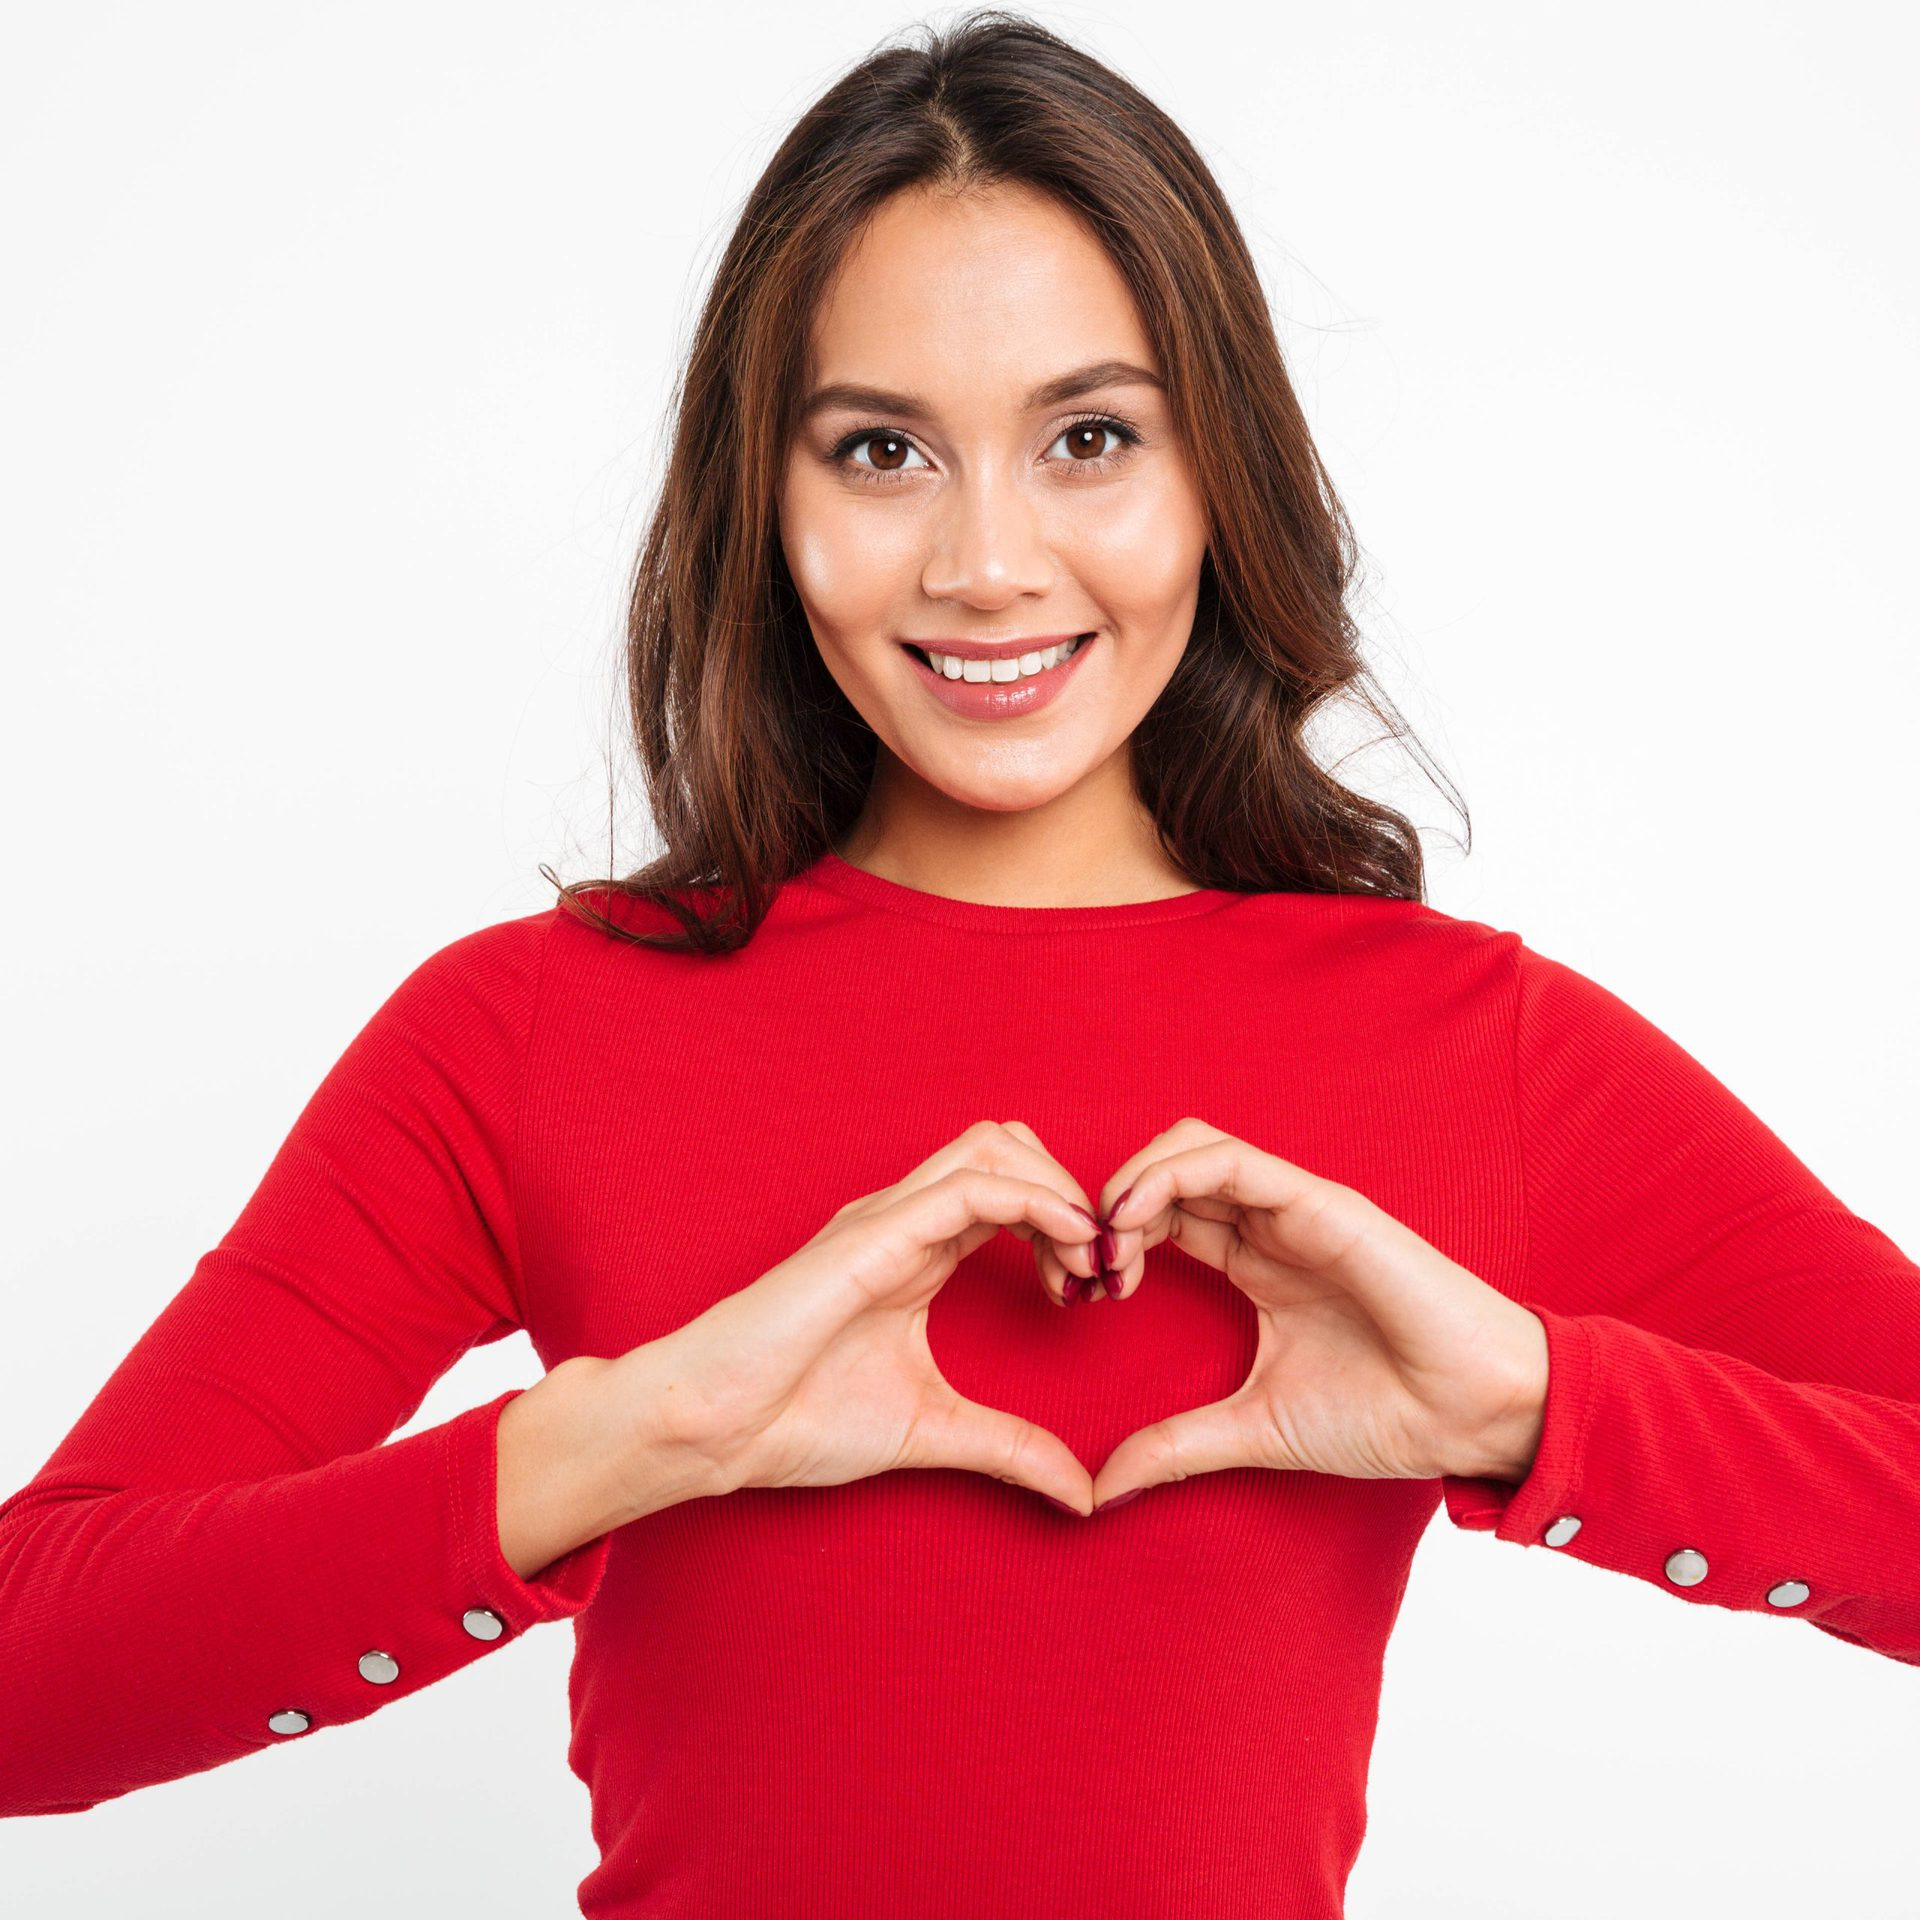 Il cuore: significato e disturbi psicosomatici